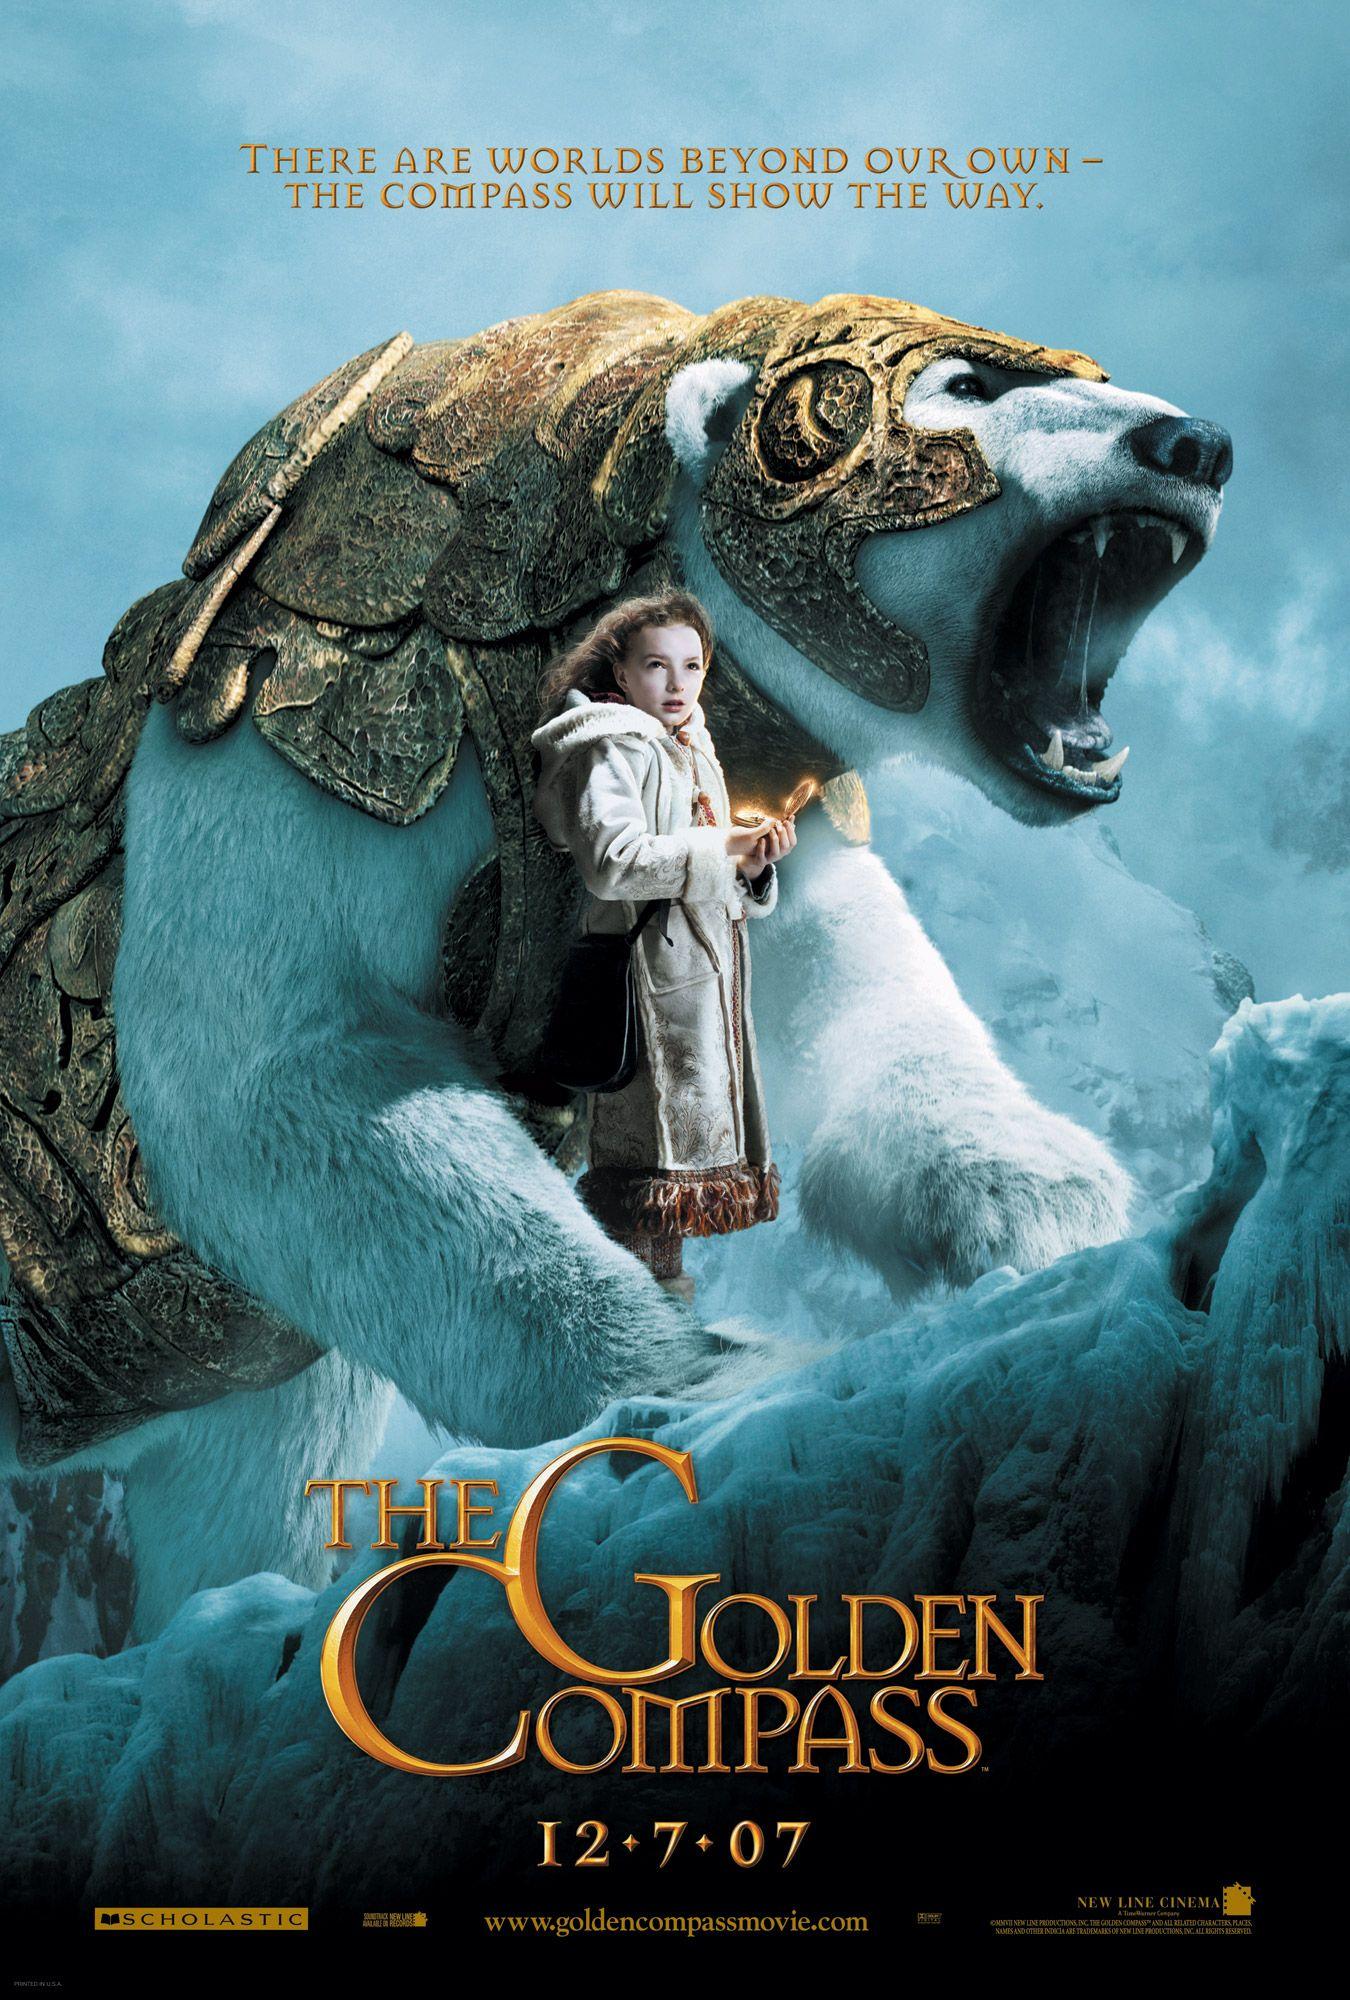 http://collider.com/uploads/imageGallery/Golden_Compass/the_golden_compass_teaser_poster_l.jpg